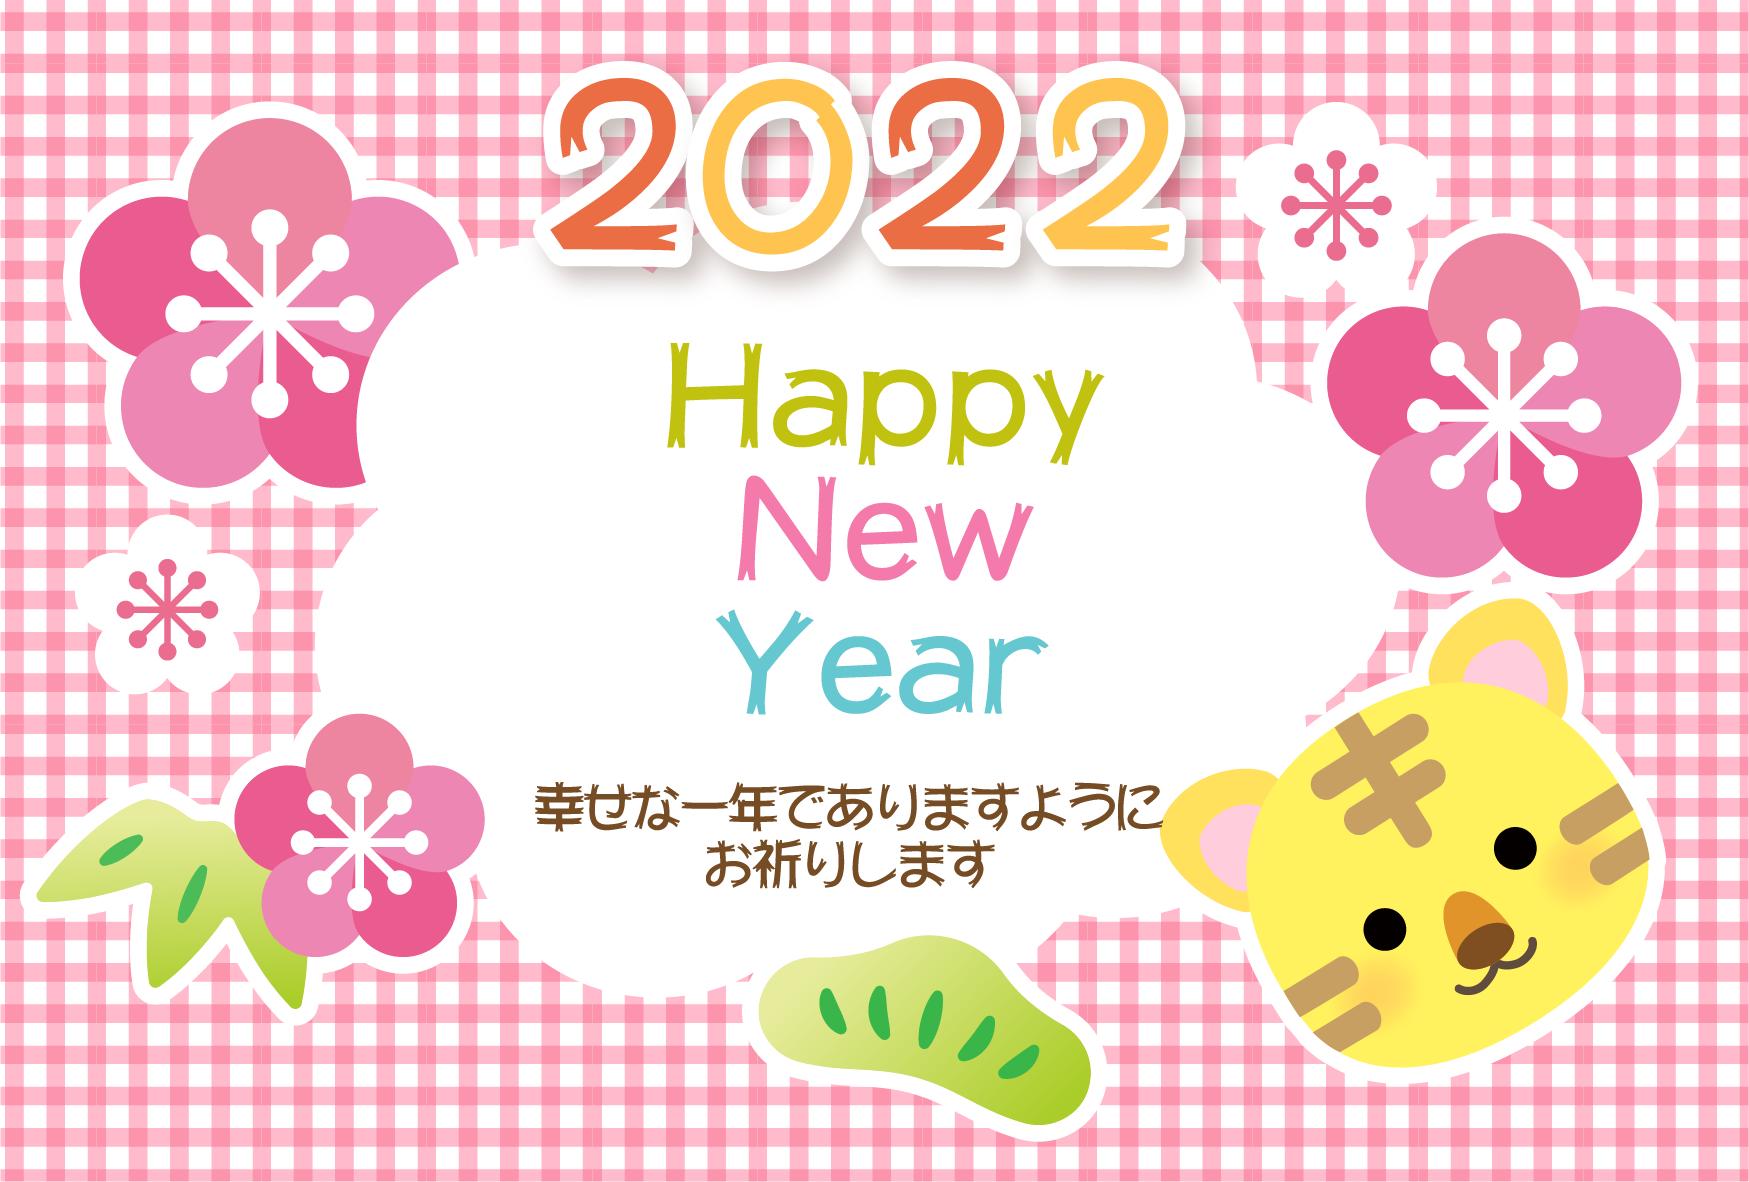 年賀状 2022年 無料デザインテンプレート(梅模様、かわいい柄)